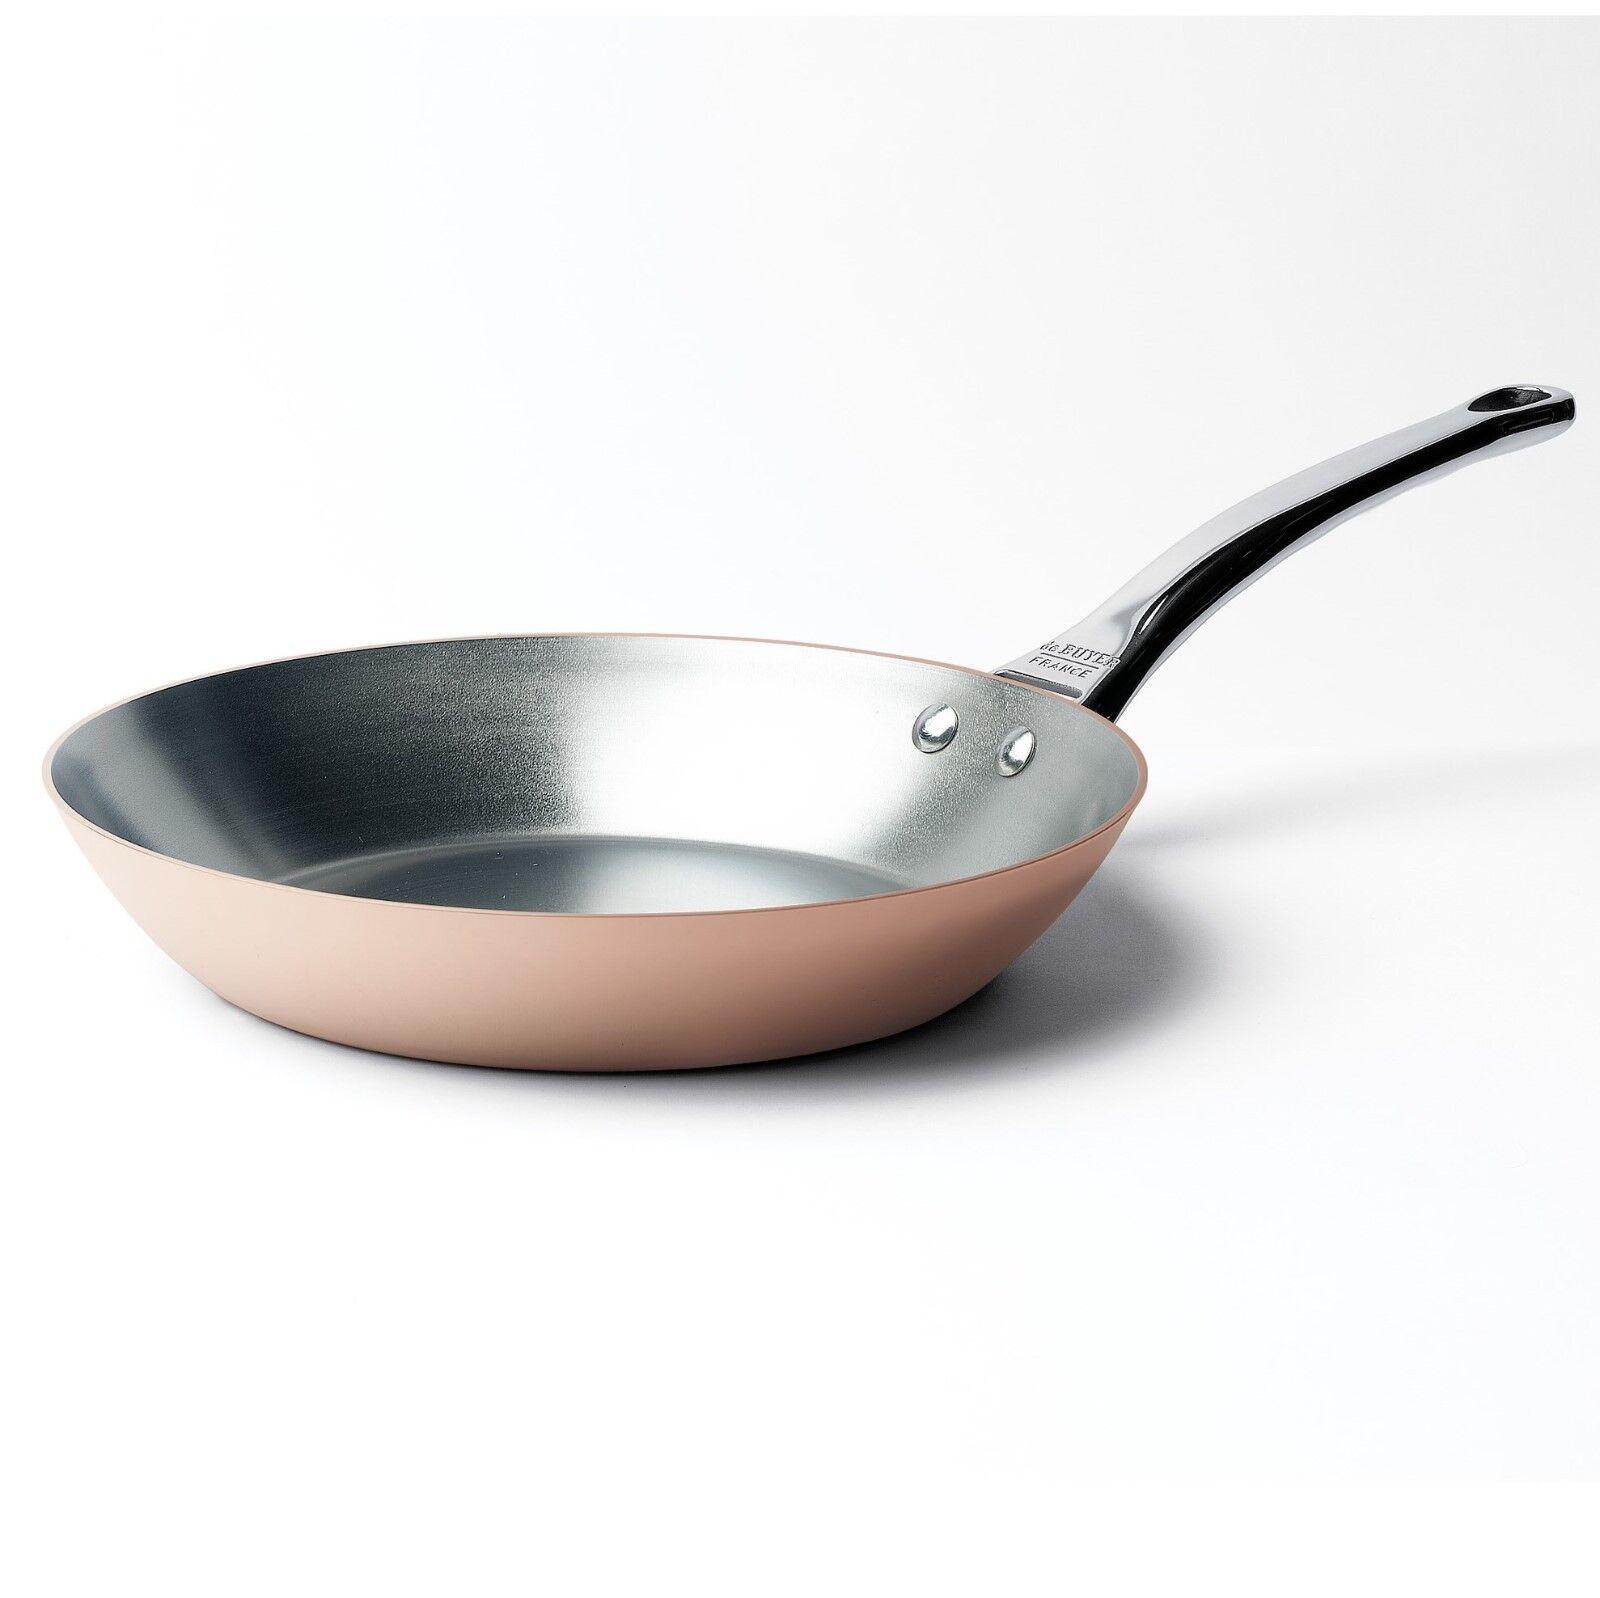 De Buyer Prima Matera Cuivre Casserole 28 cm intérieur en acier inoxydable, pour induction